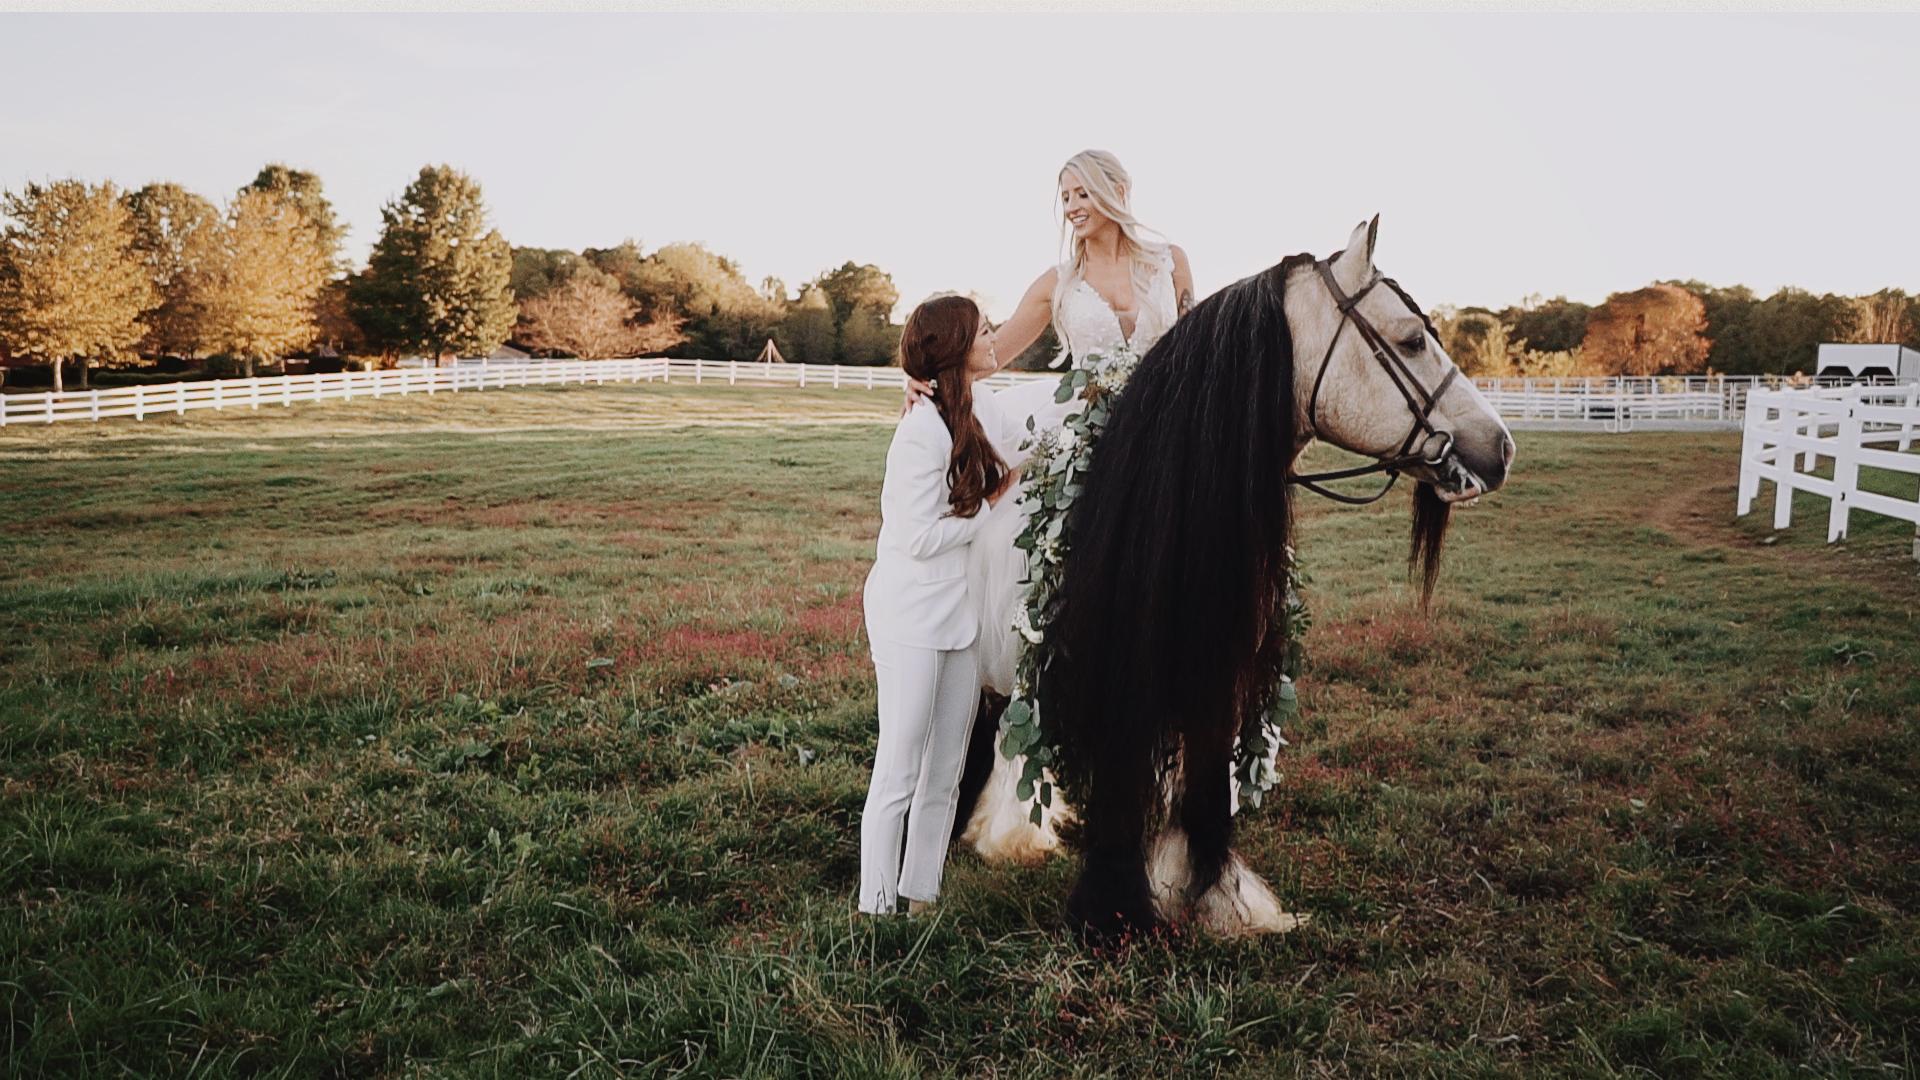 Ali + Anneliese | Nashville, Tennessee | Private Farm